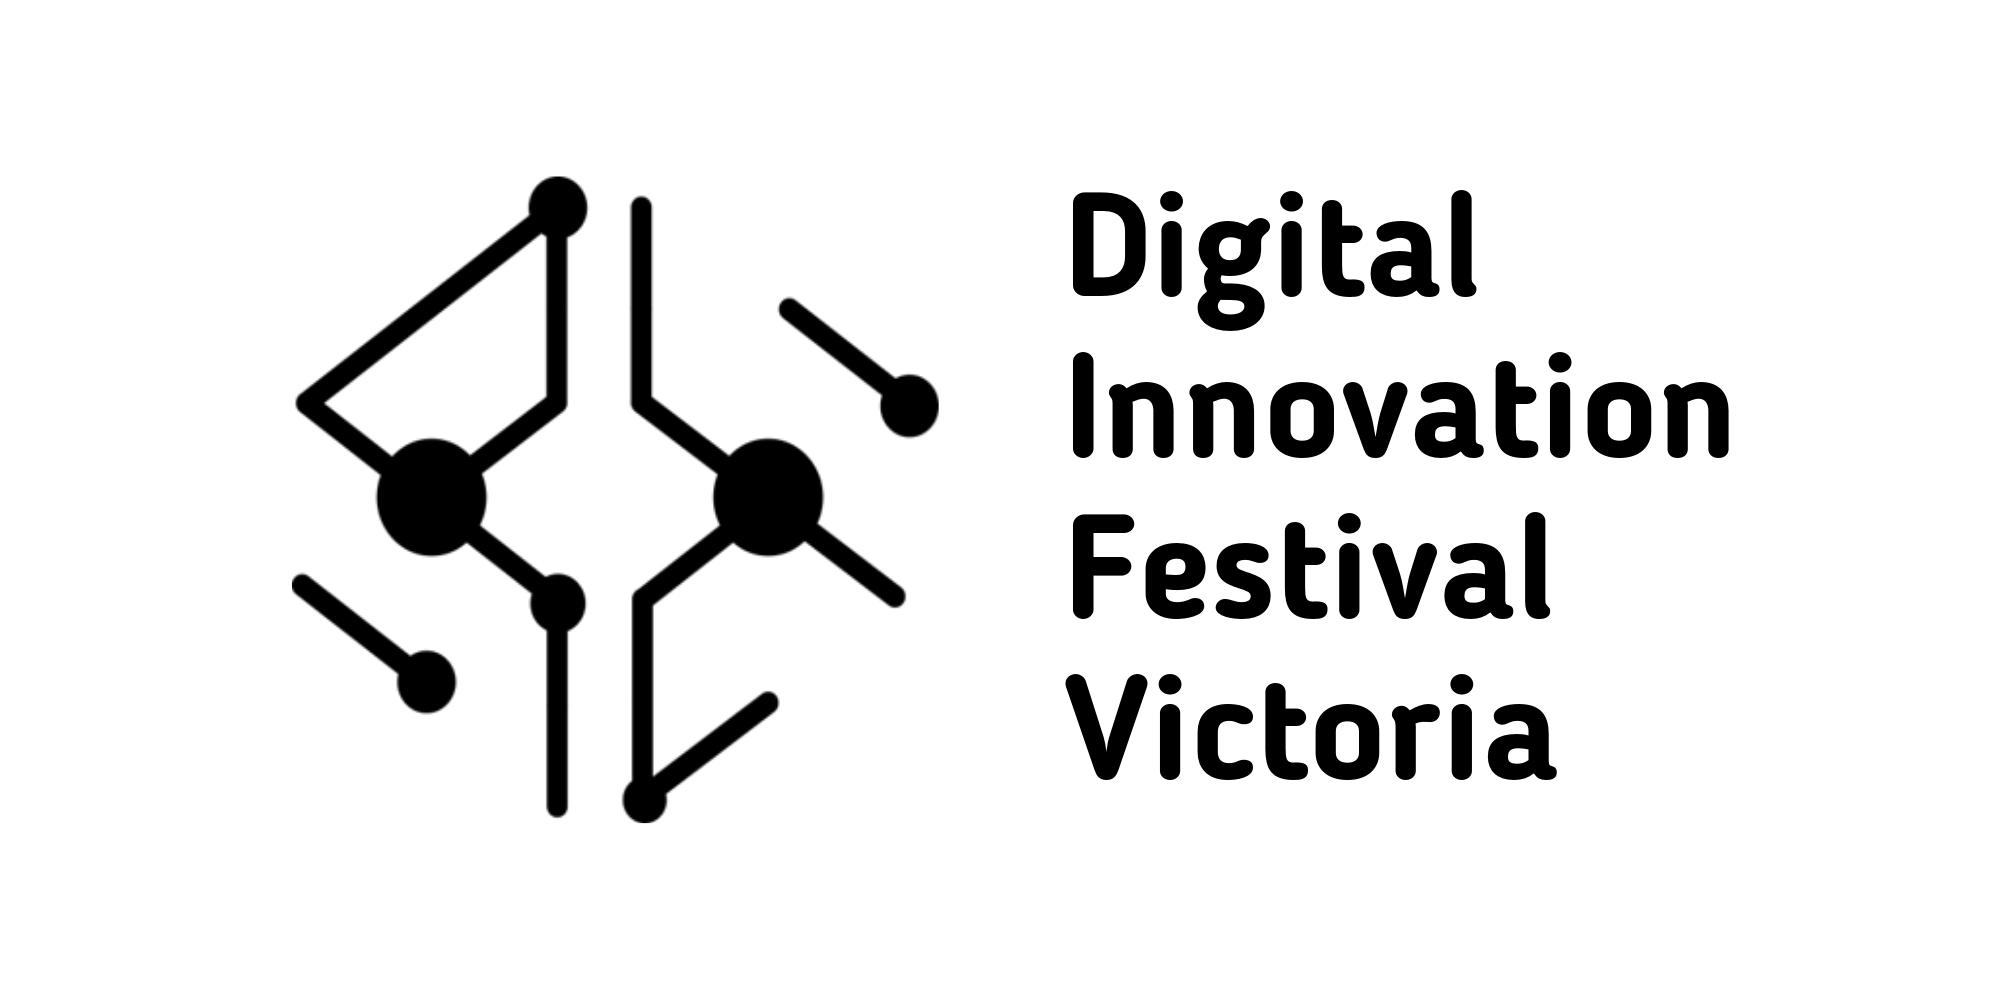 Digital Innovation Festival black on white.png